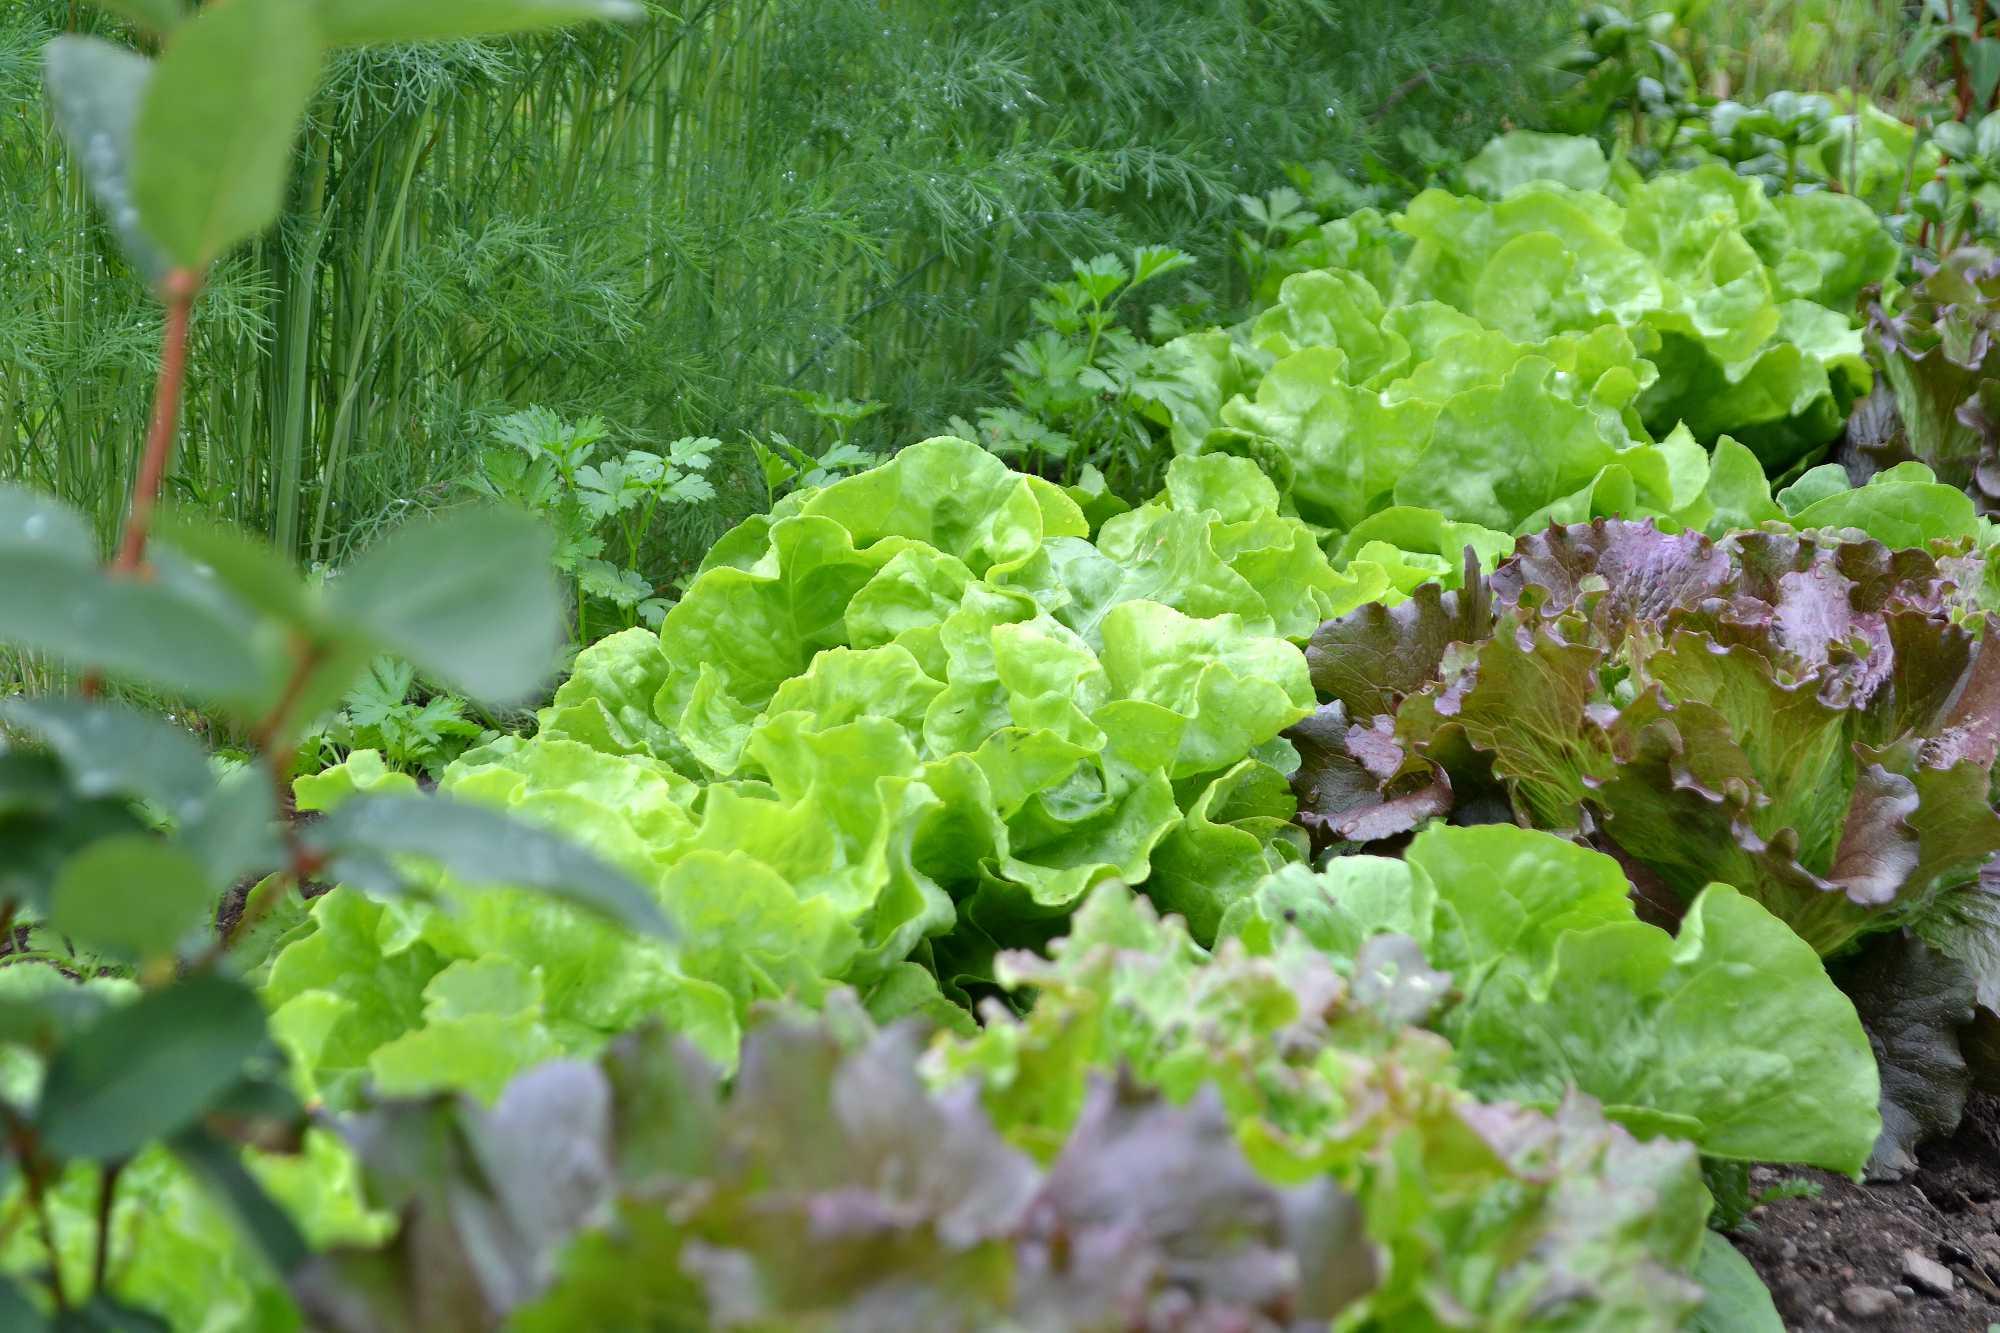 Samplantering med frodiga gröna plantor.